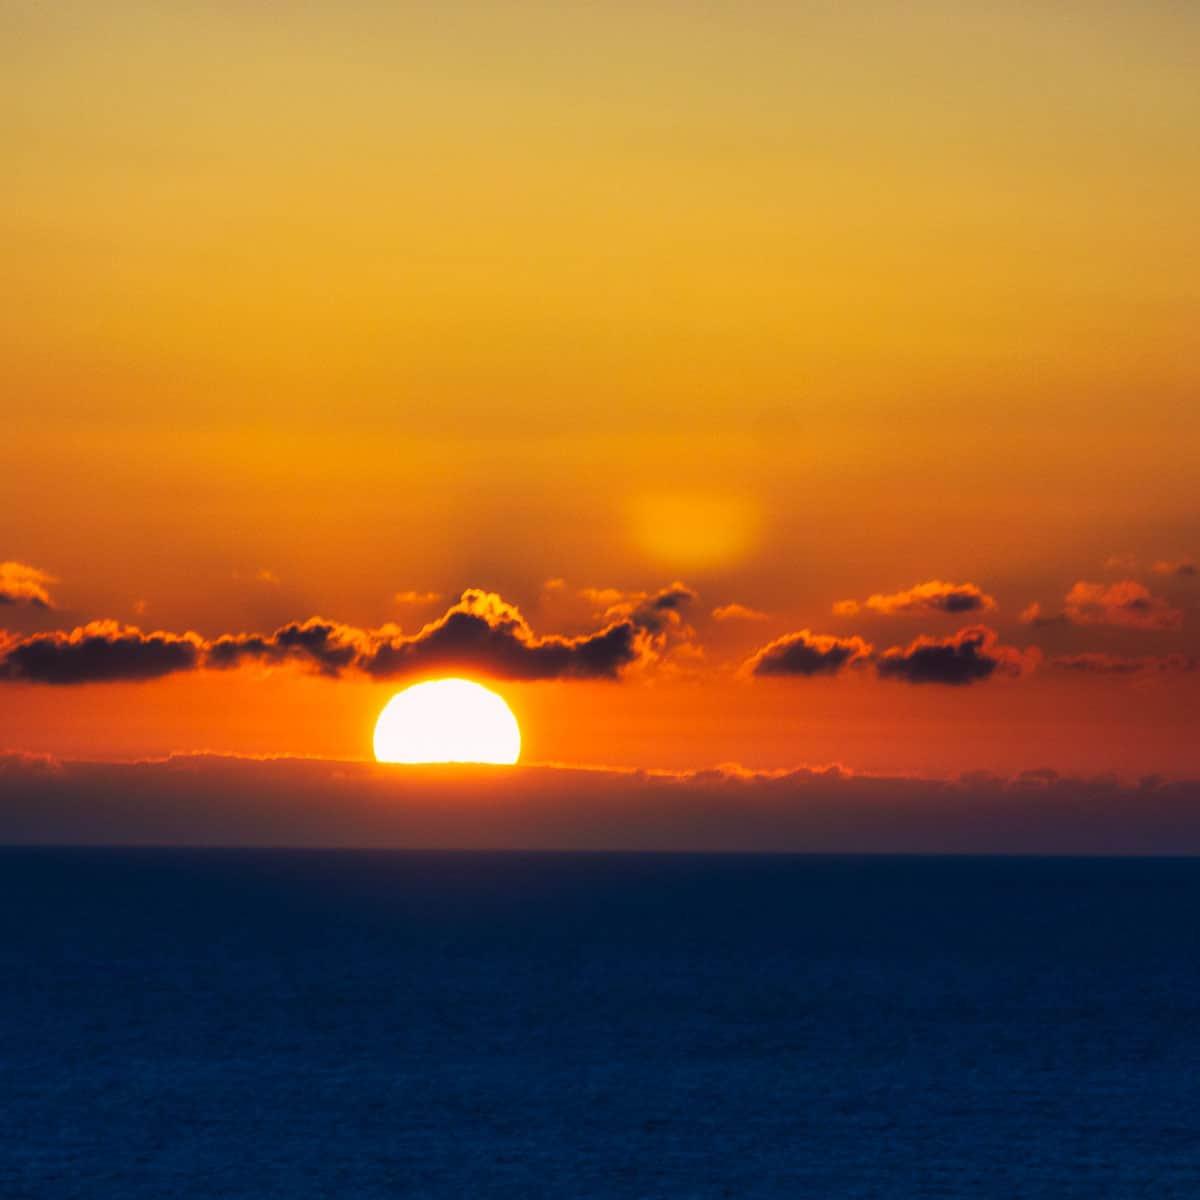 Chevre sunset-005-Bearbeitet.jpg